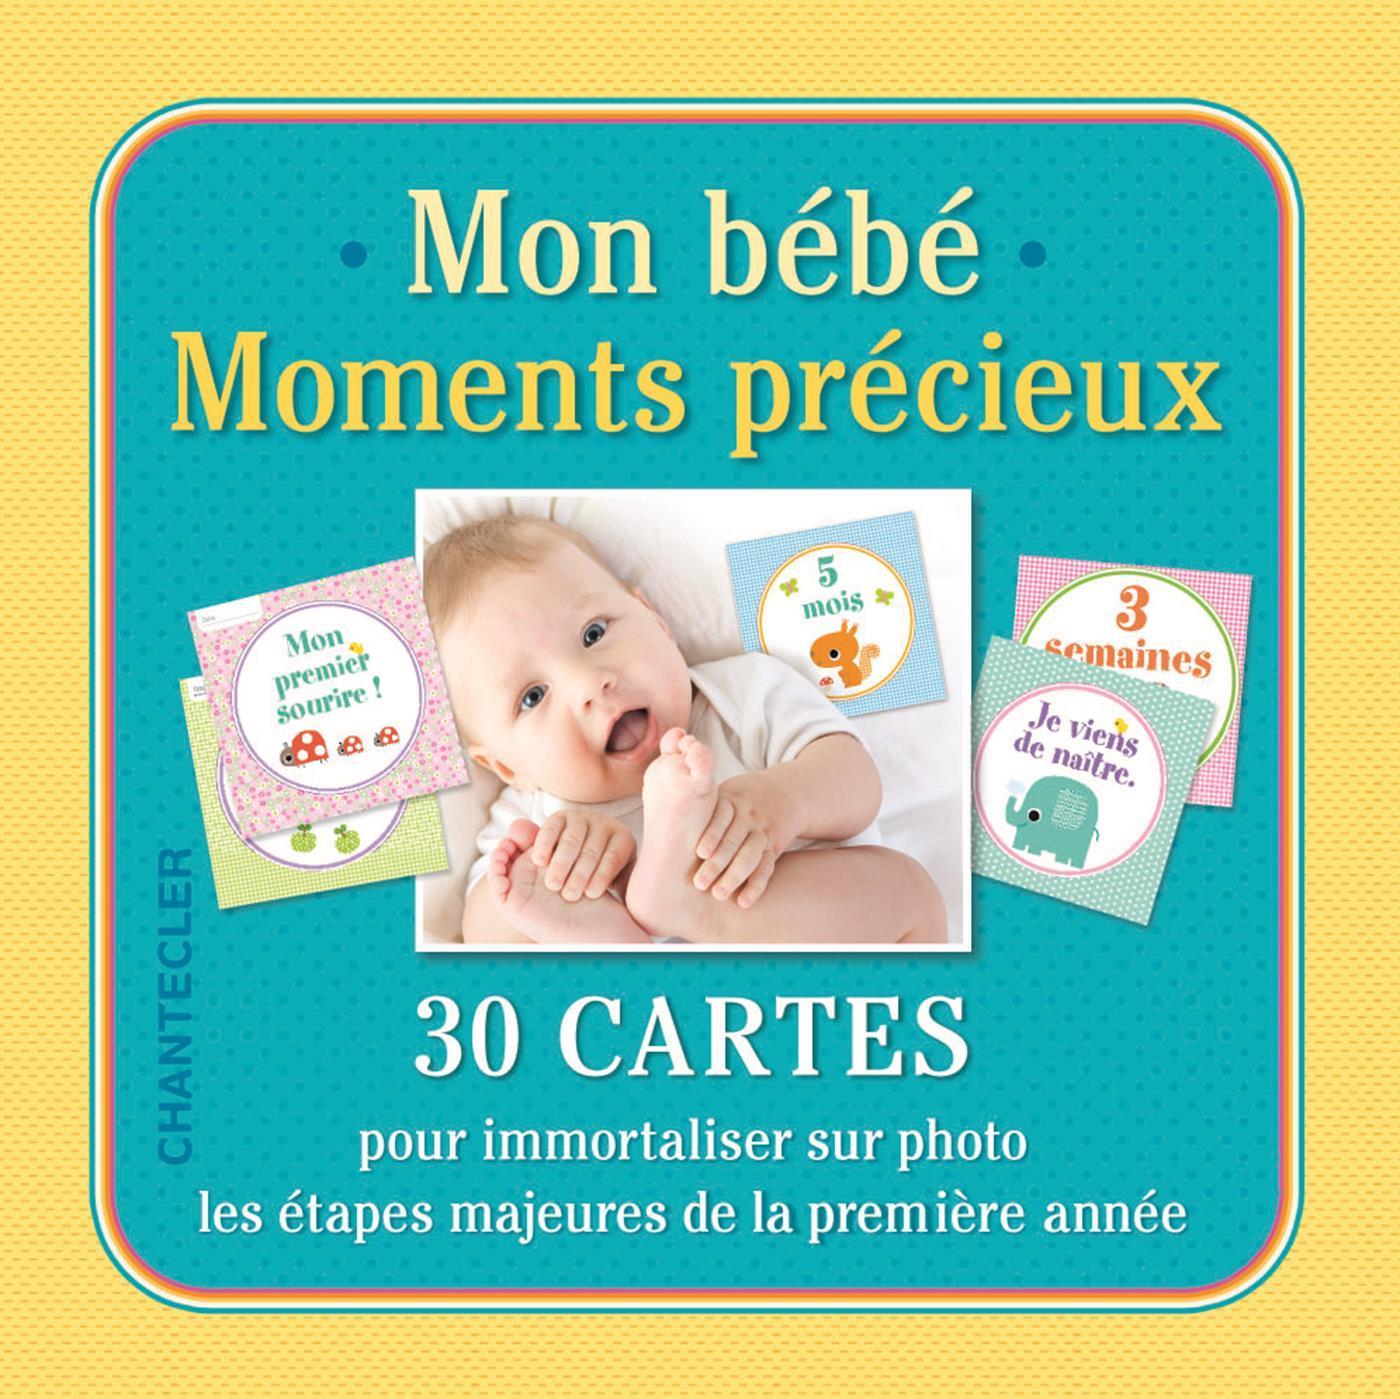 MON BEBE - MOMENTS PRECIEUX